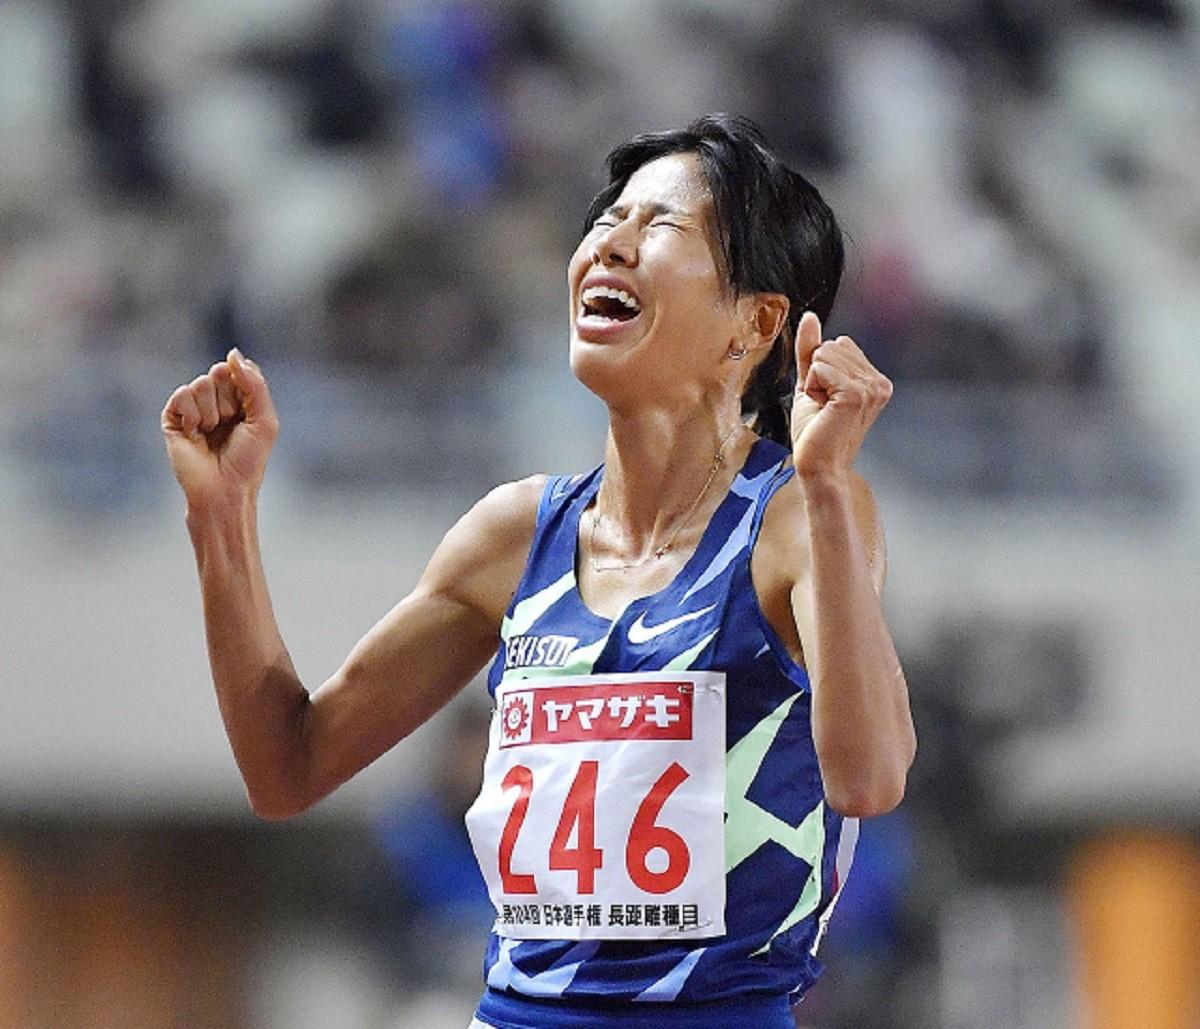 日本選手権では日本記録を大幅に塗り替えて優勝し、東京五輪代表に内定した